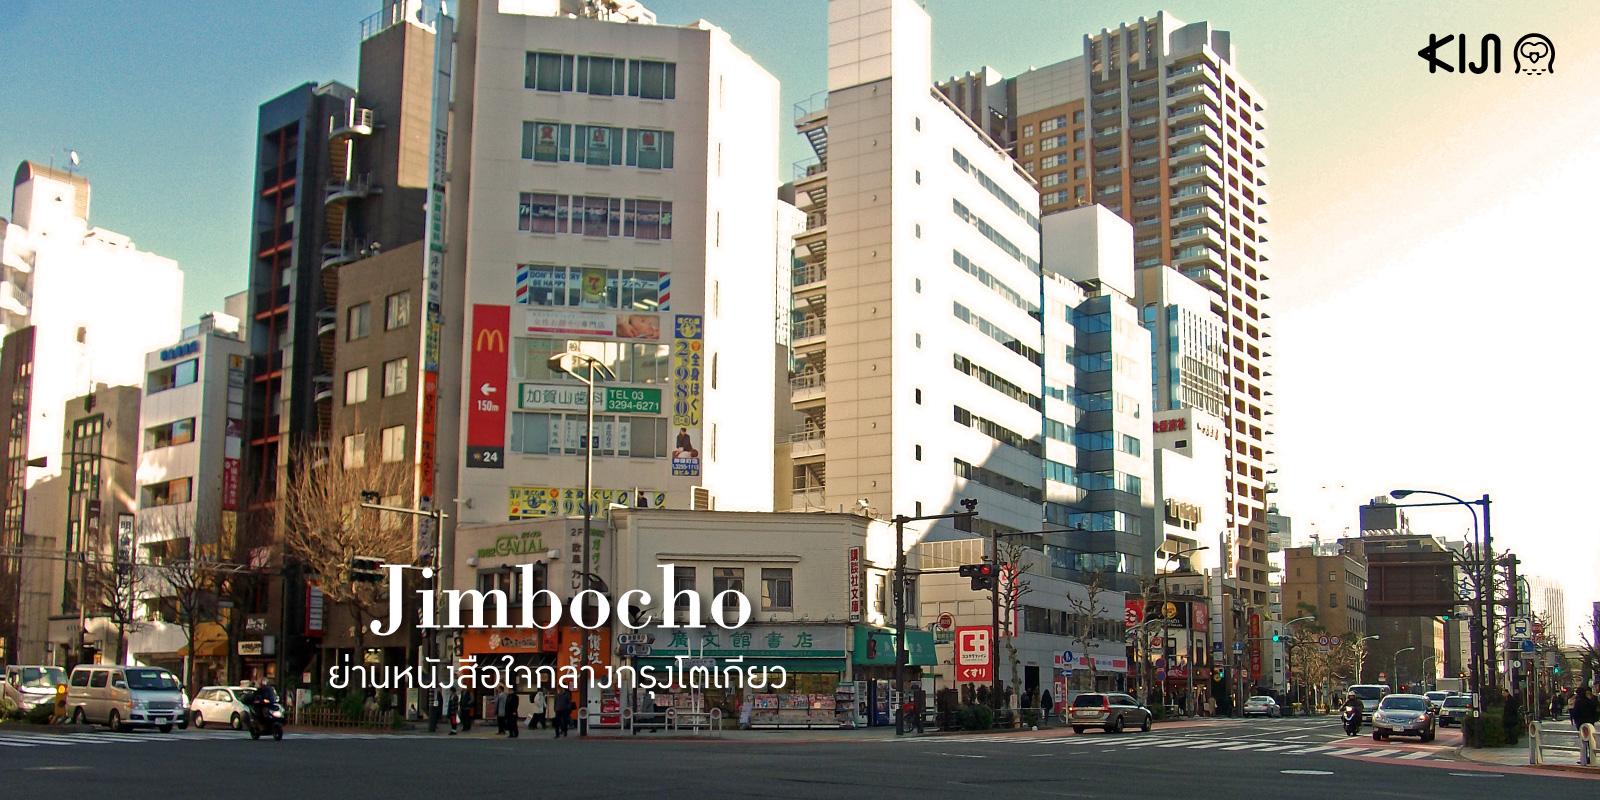 ย่าน Jimbocho ในกรุงโตเกียว